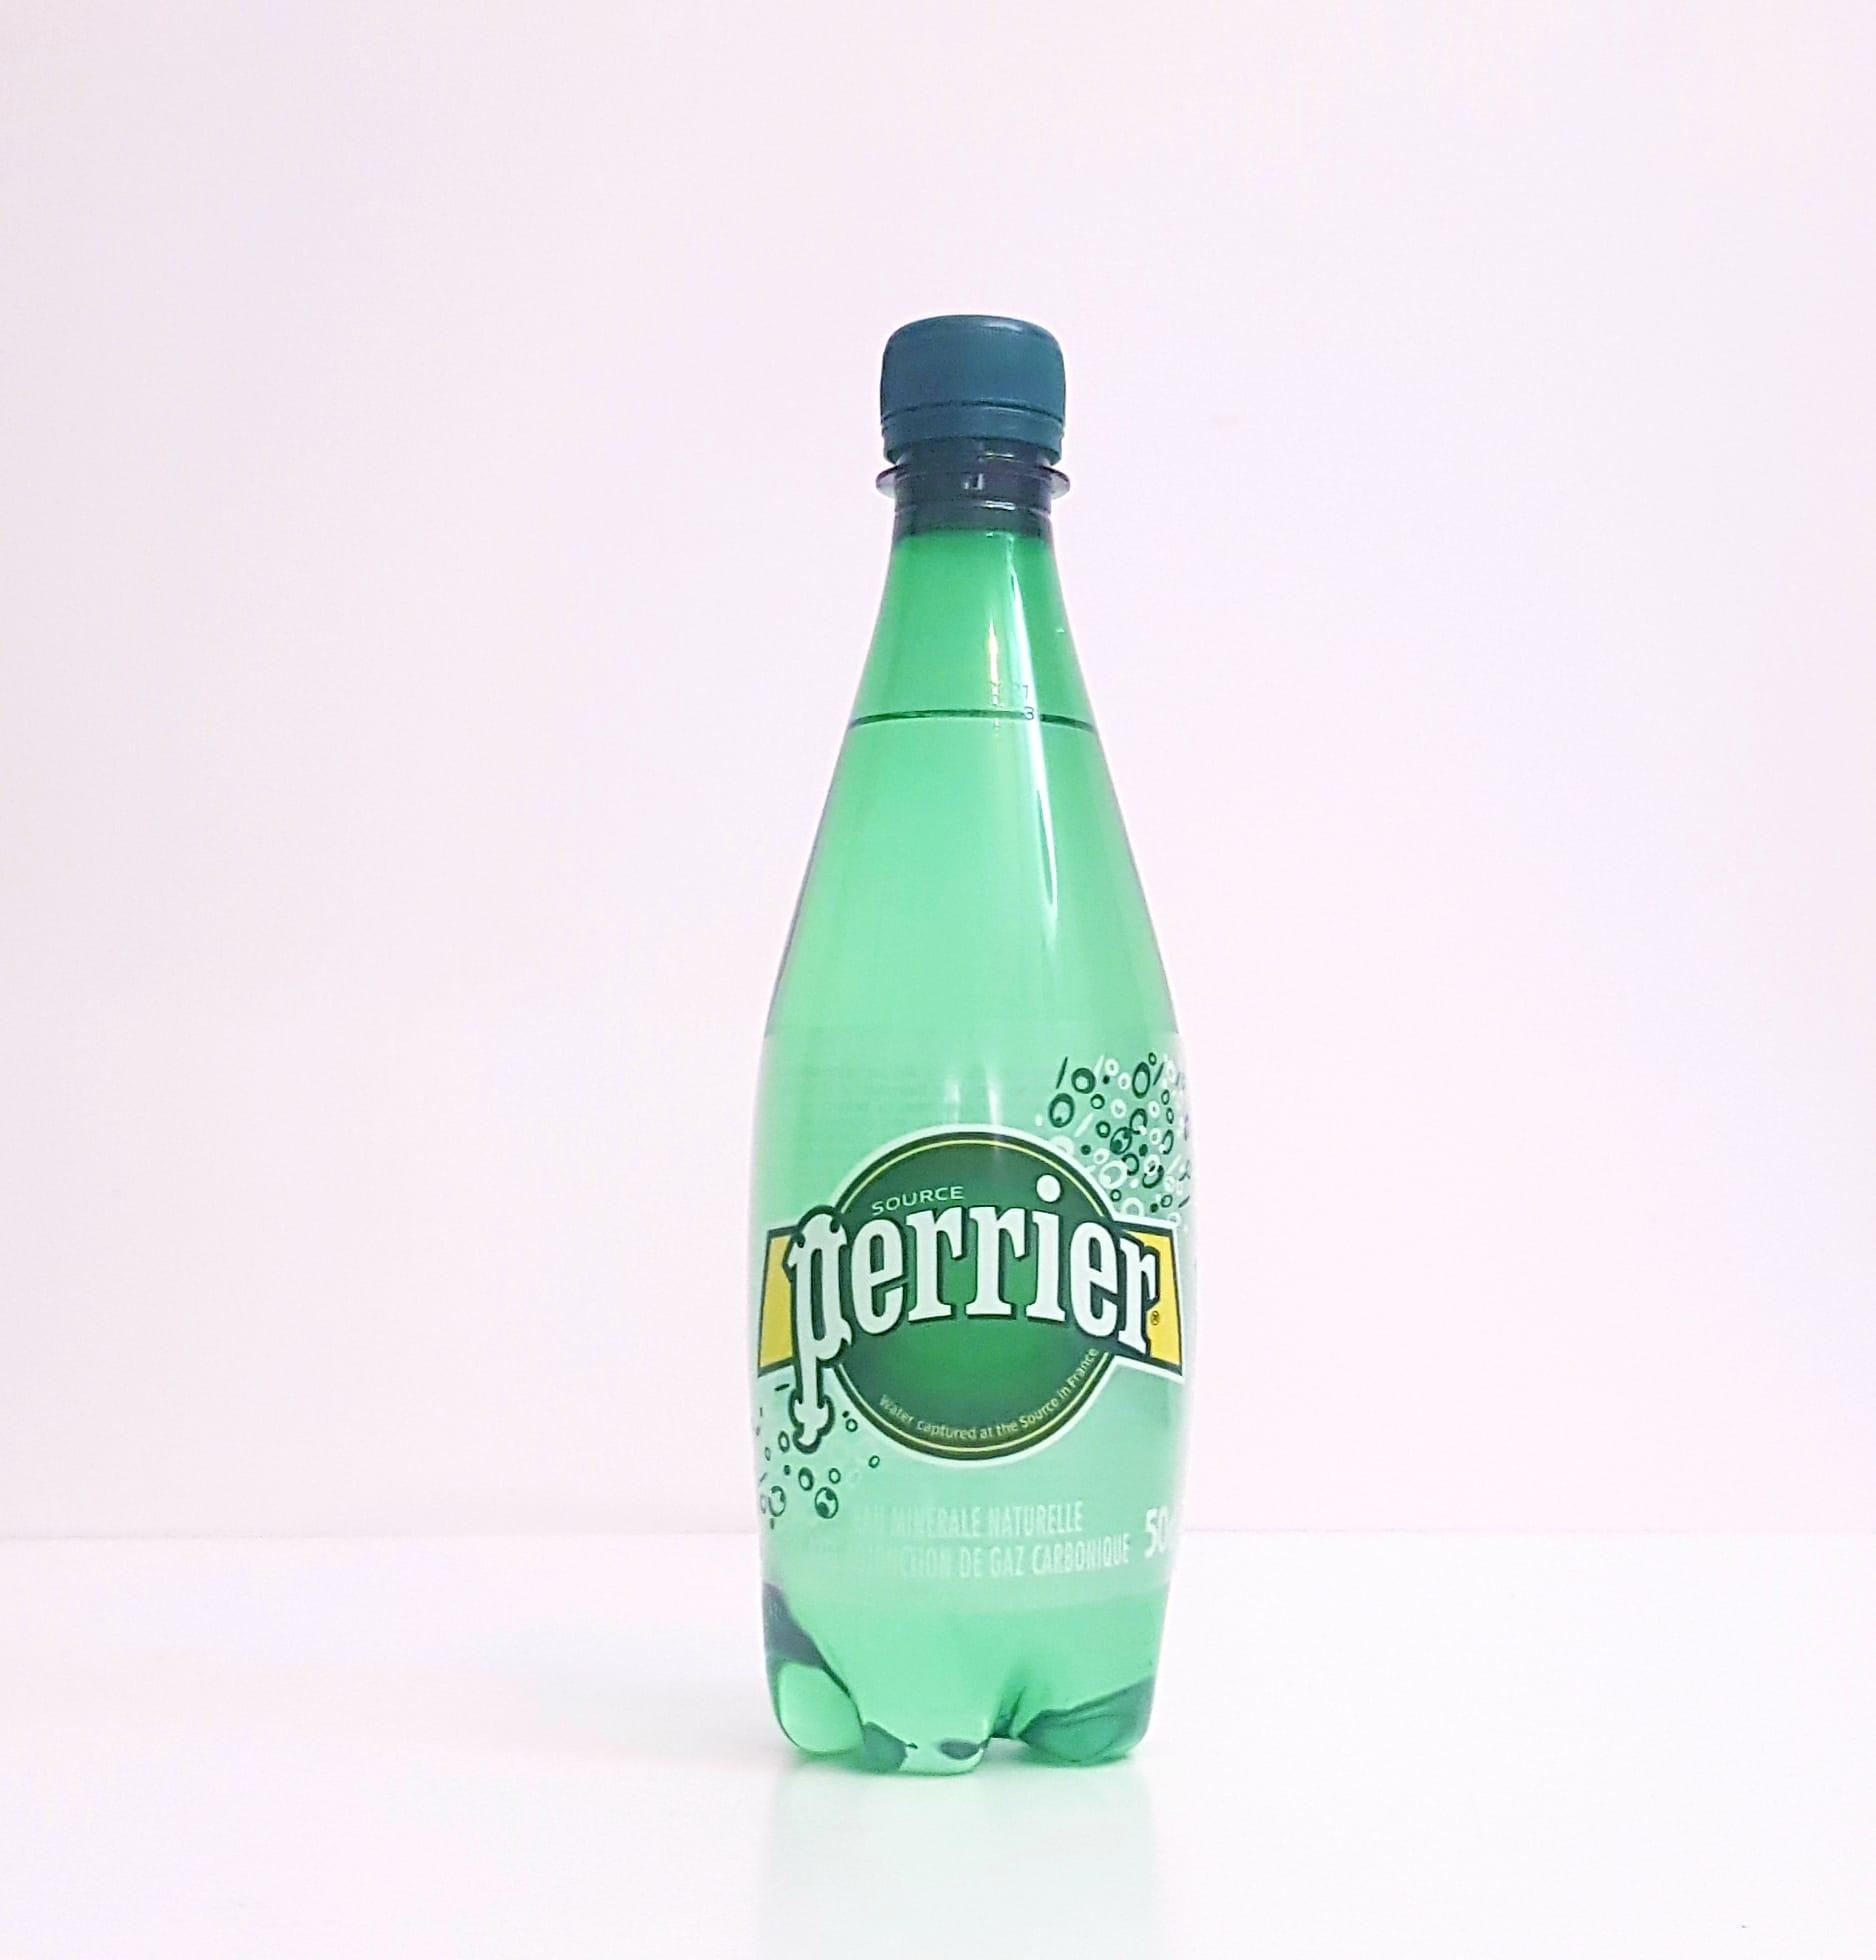 153021 - Agua-Perrier-50cl-5Sentidos